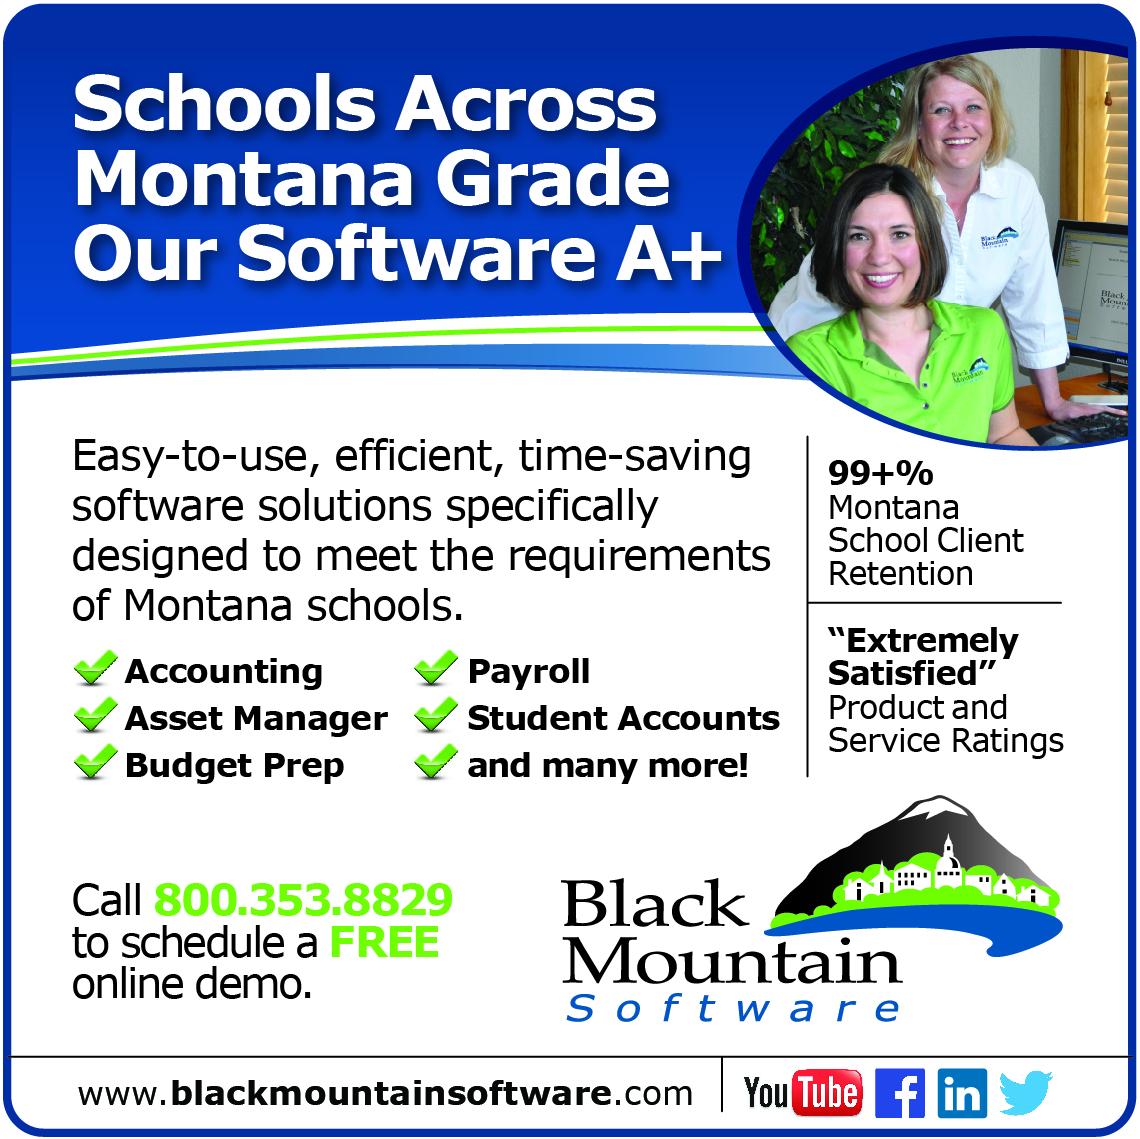 Black Mountain Sept Bulletin.jpg - 1.13 Mb